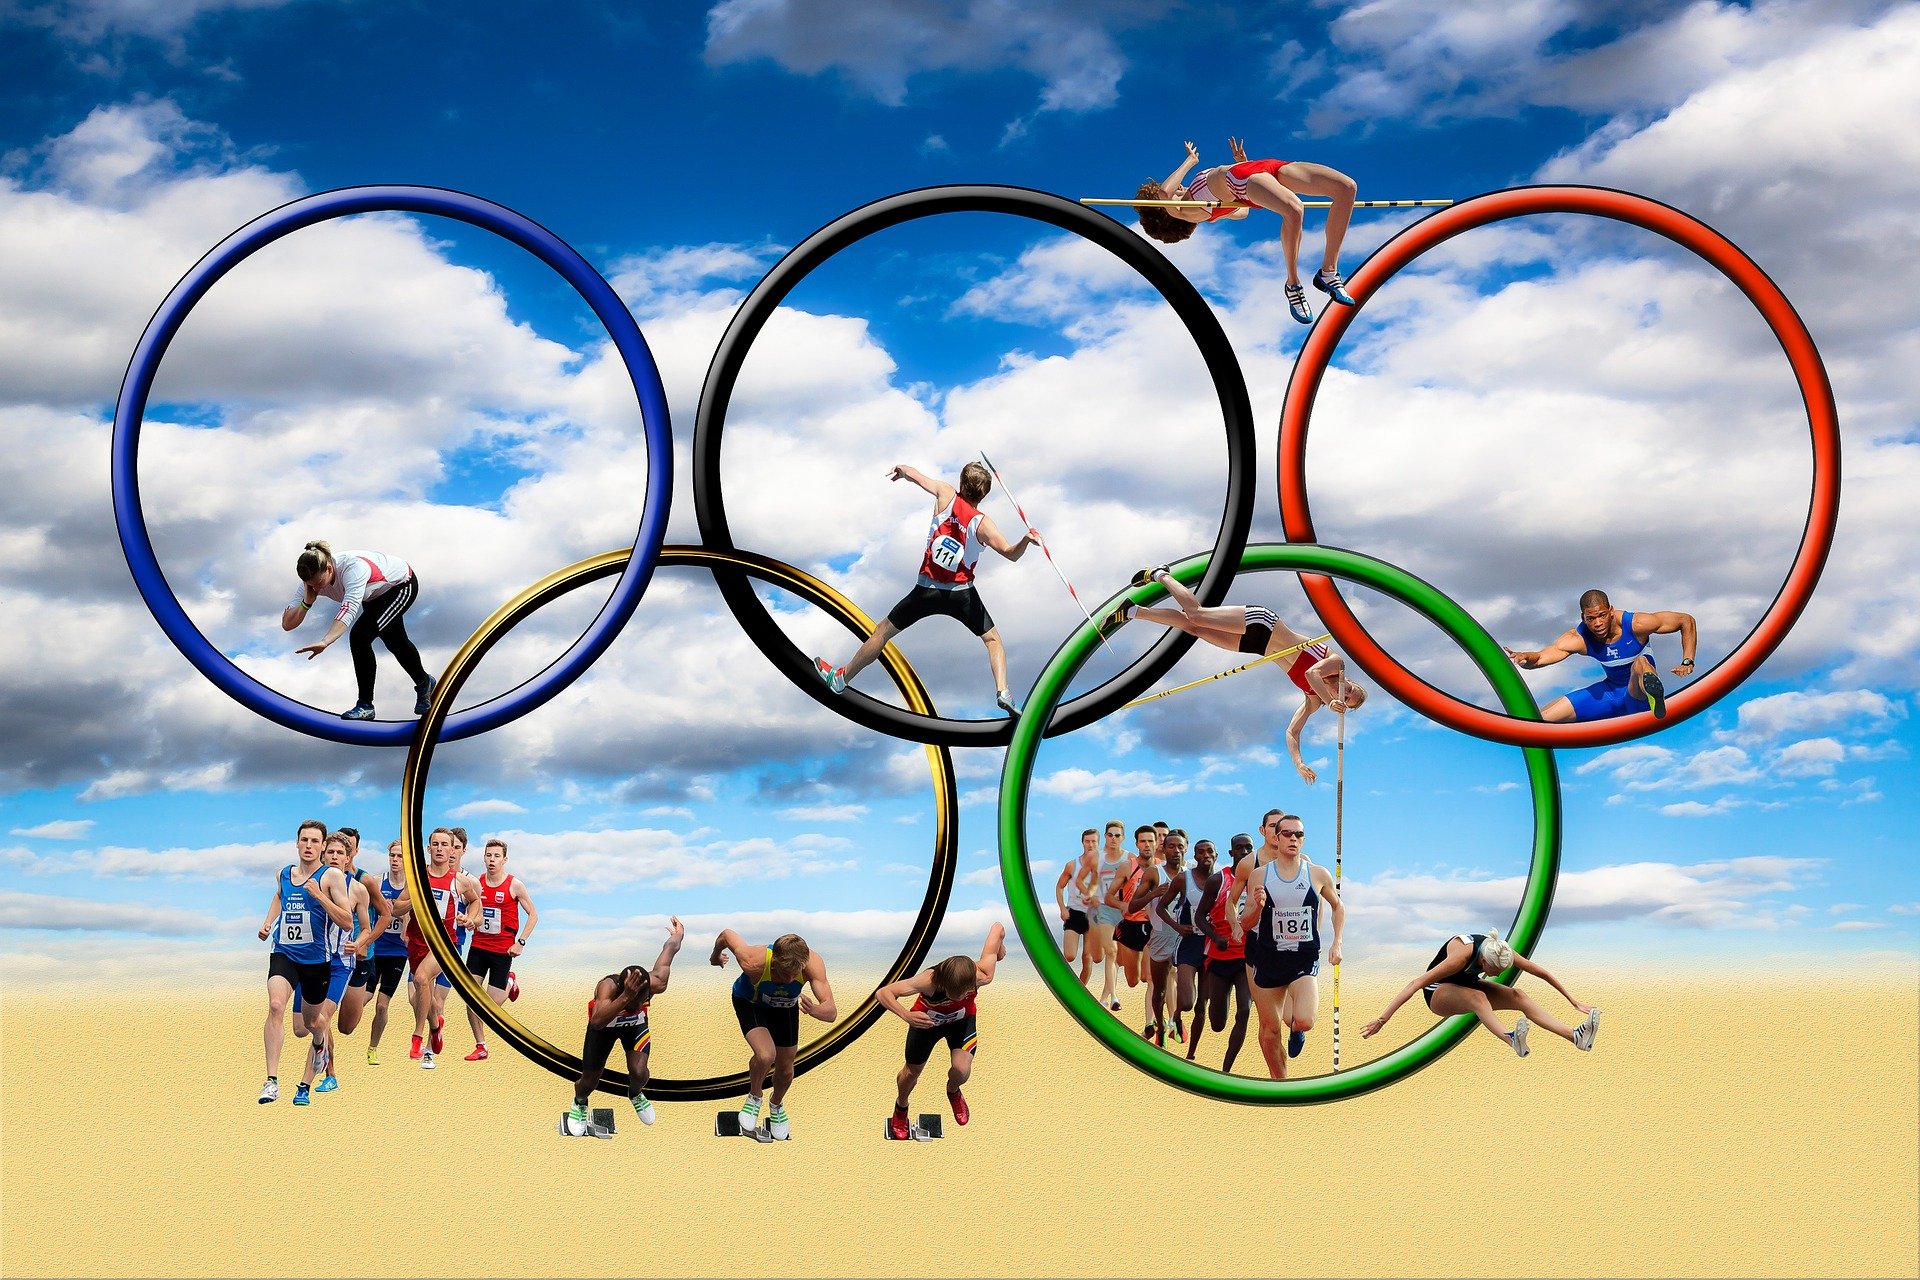 olimpiadi fbi rischio sicurezza